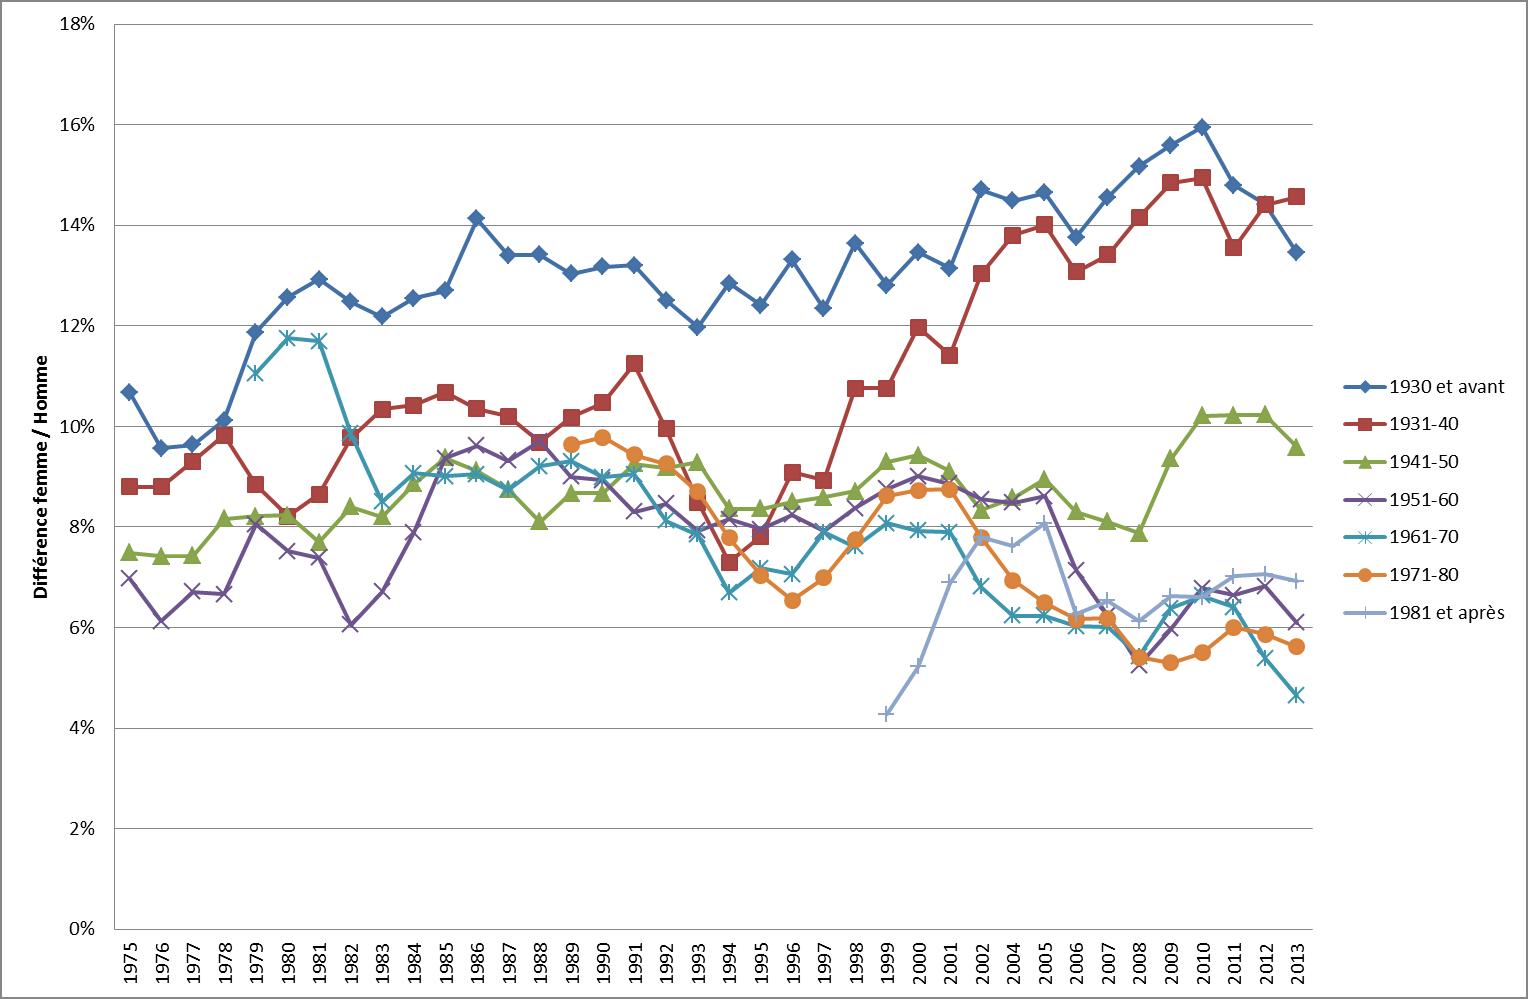 Sources : probabilités prédites par le modèle à partir du Mannheim Eurobarometer Trend File complété par V. Tiberj pour la période 2002 2013. Les données ont été lissées sur une période de 3 ans. Sont reproduites ici les différences de proportions de répondants ne discutant jamais de politique parmi les femmes et parmi les hommes